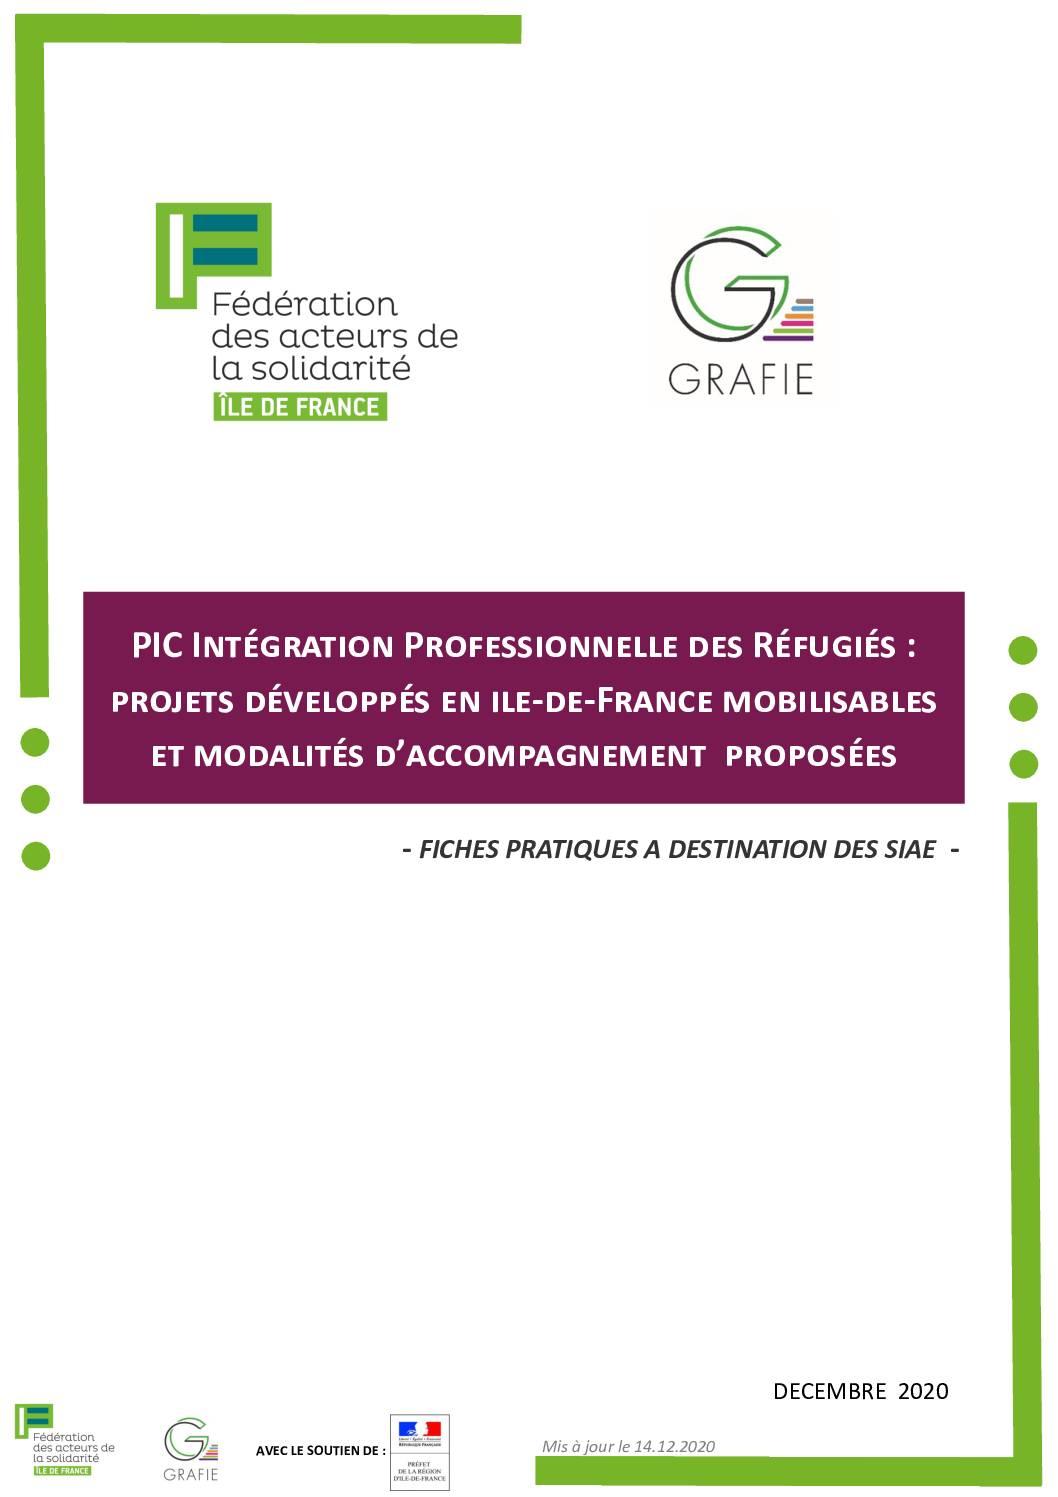 kit de présentation des lauréats de l'appel à projet pour l'intégration professionnelle des réfugiés